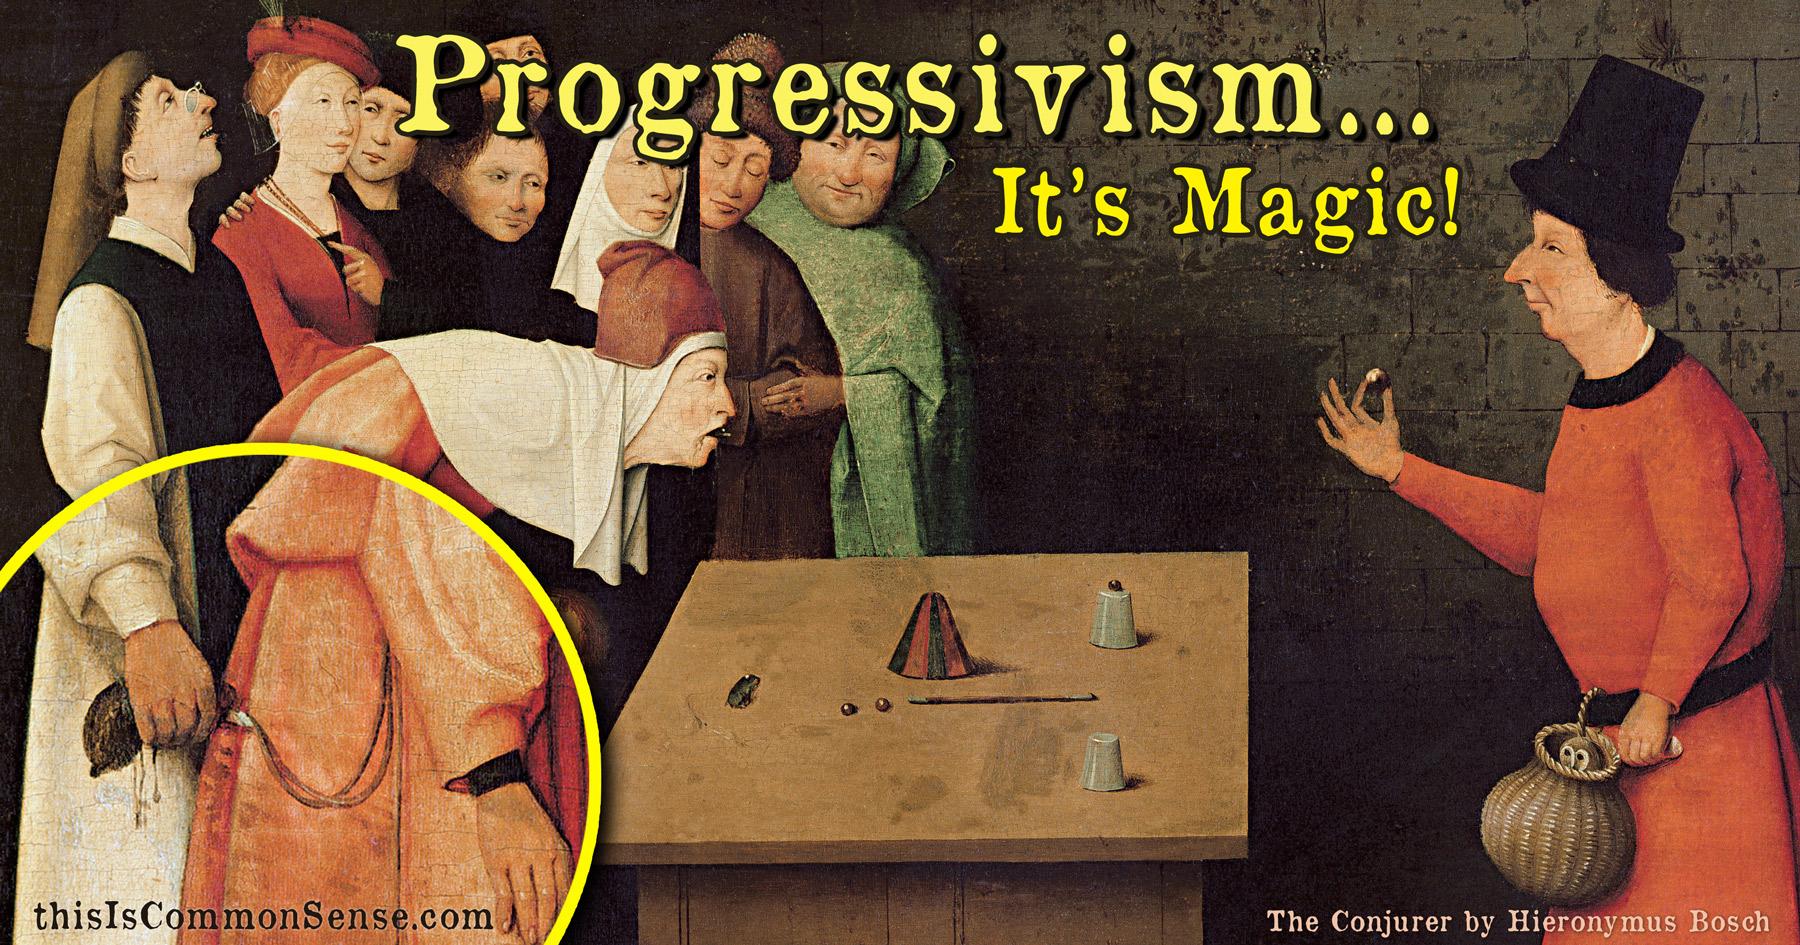 progressivism, meme, progressives, magic, Paul Jacob